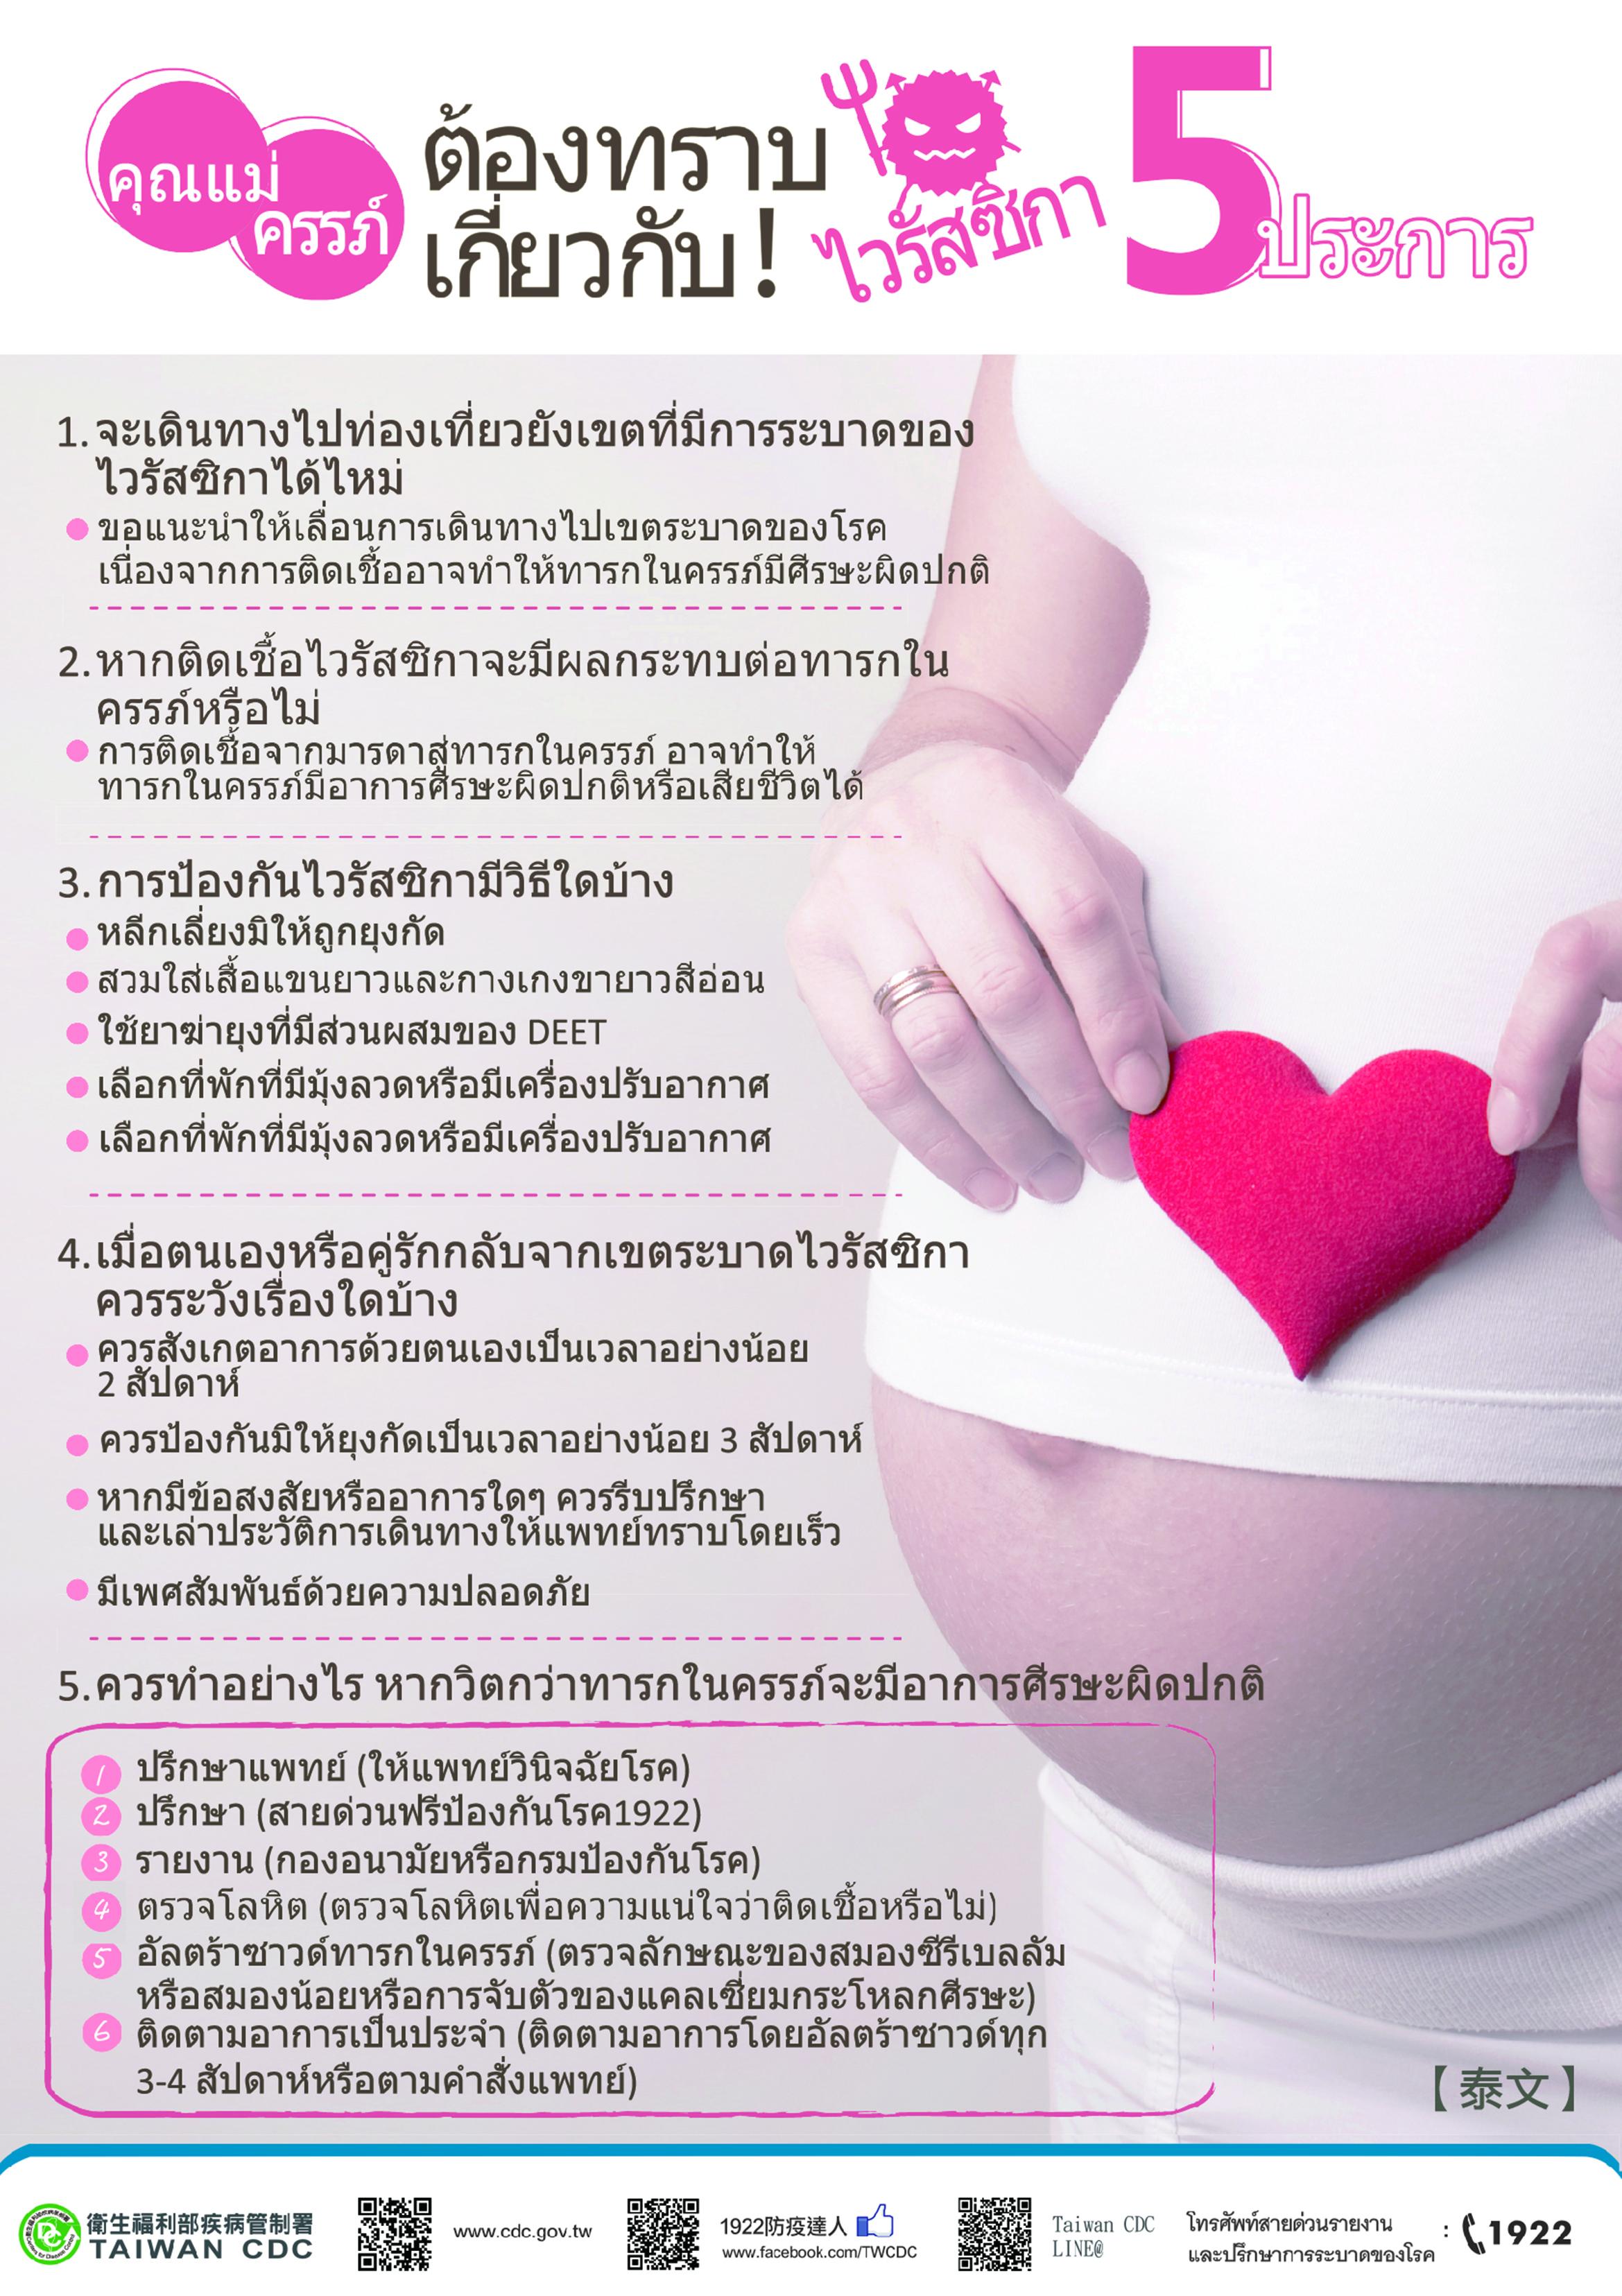 詳如附件【คลิก】คุณแม่มีครรภ์ต้องทราบเกี่ยวกับไวรัสซิกา 5 ประการ孕媽咪不可不知茲卡5件事(泰文)